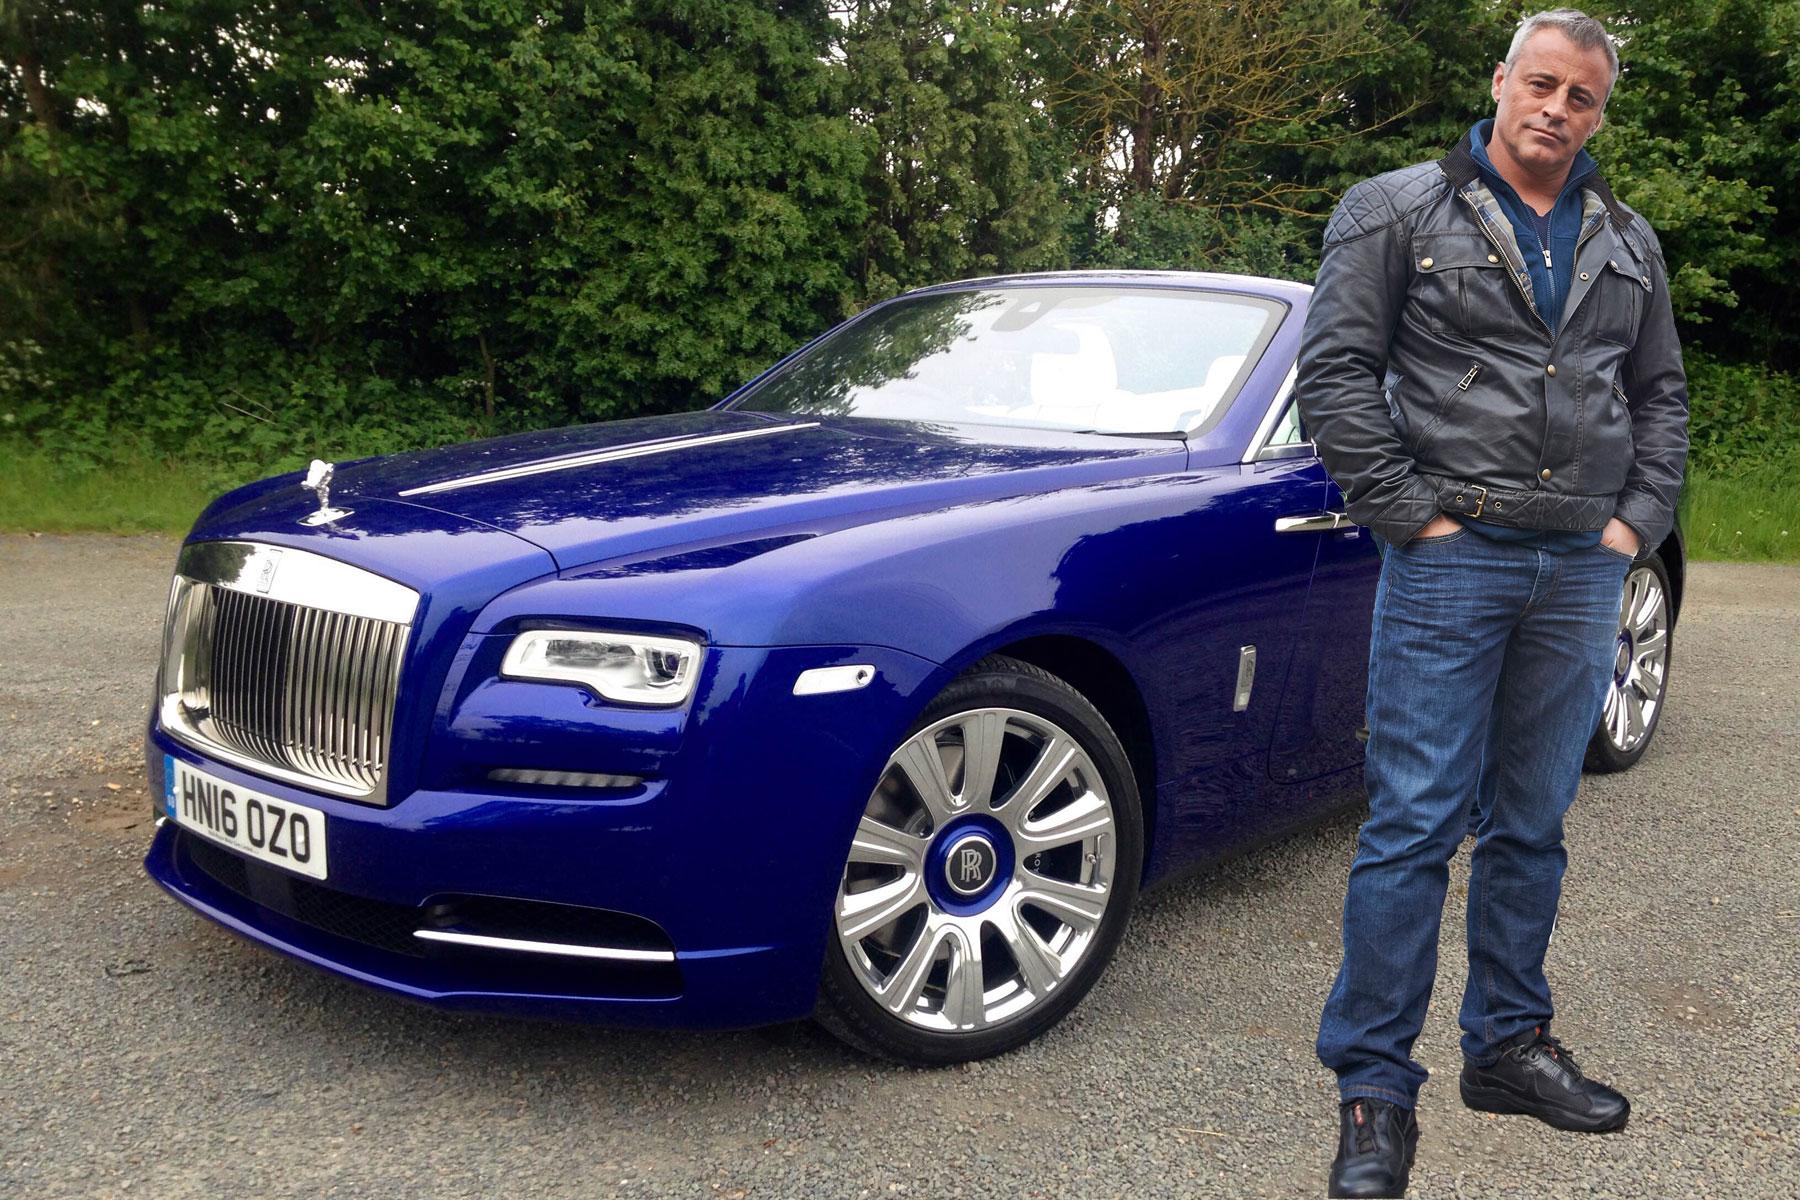 Driven: Matt LeBlanc's Rolls-Royce Dawn